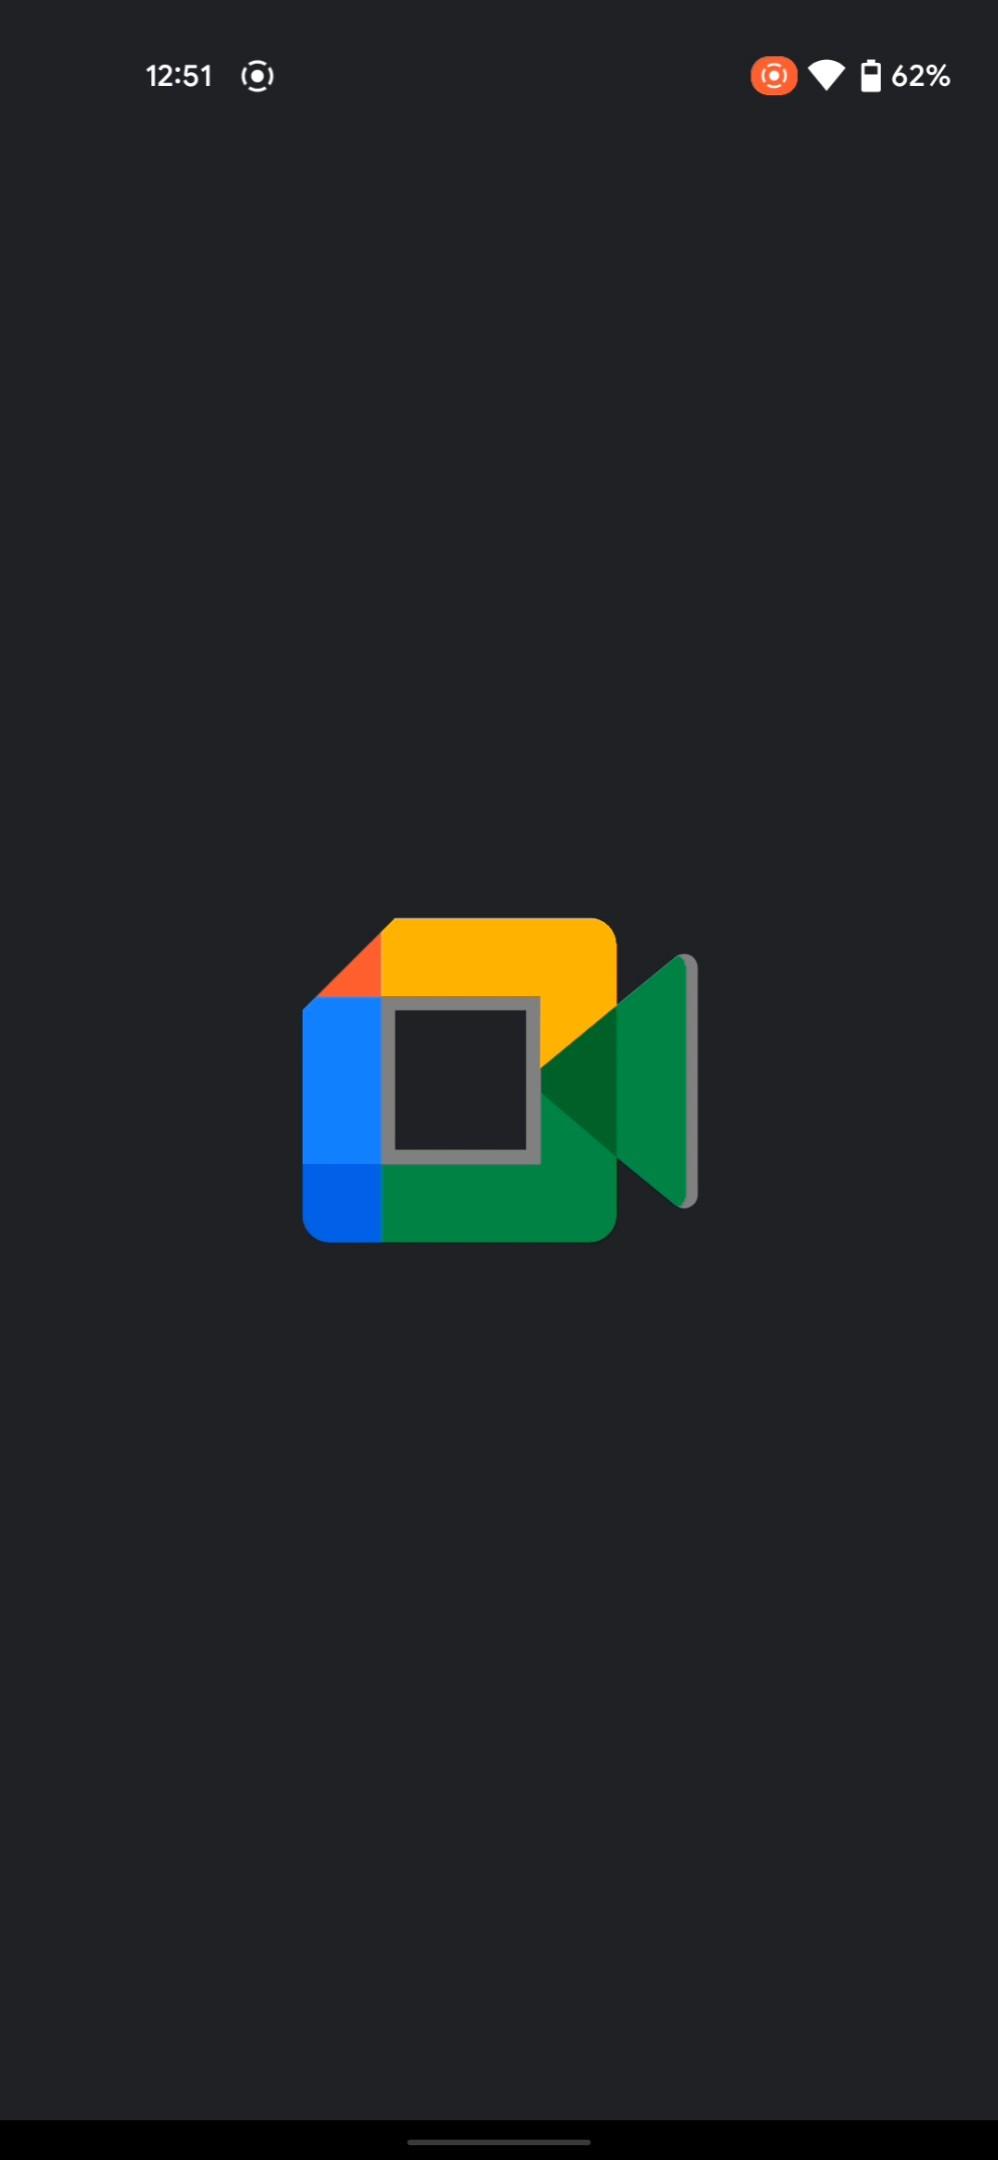 Pantalla de presentación animada de Android 12